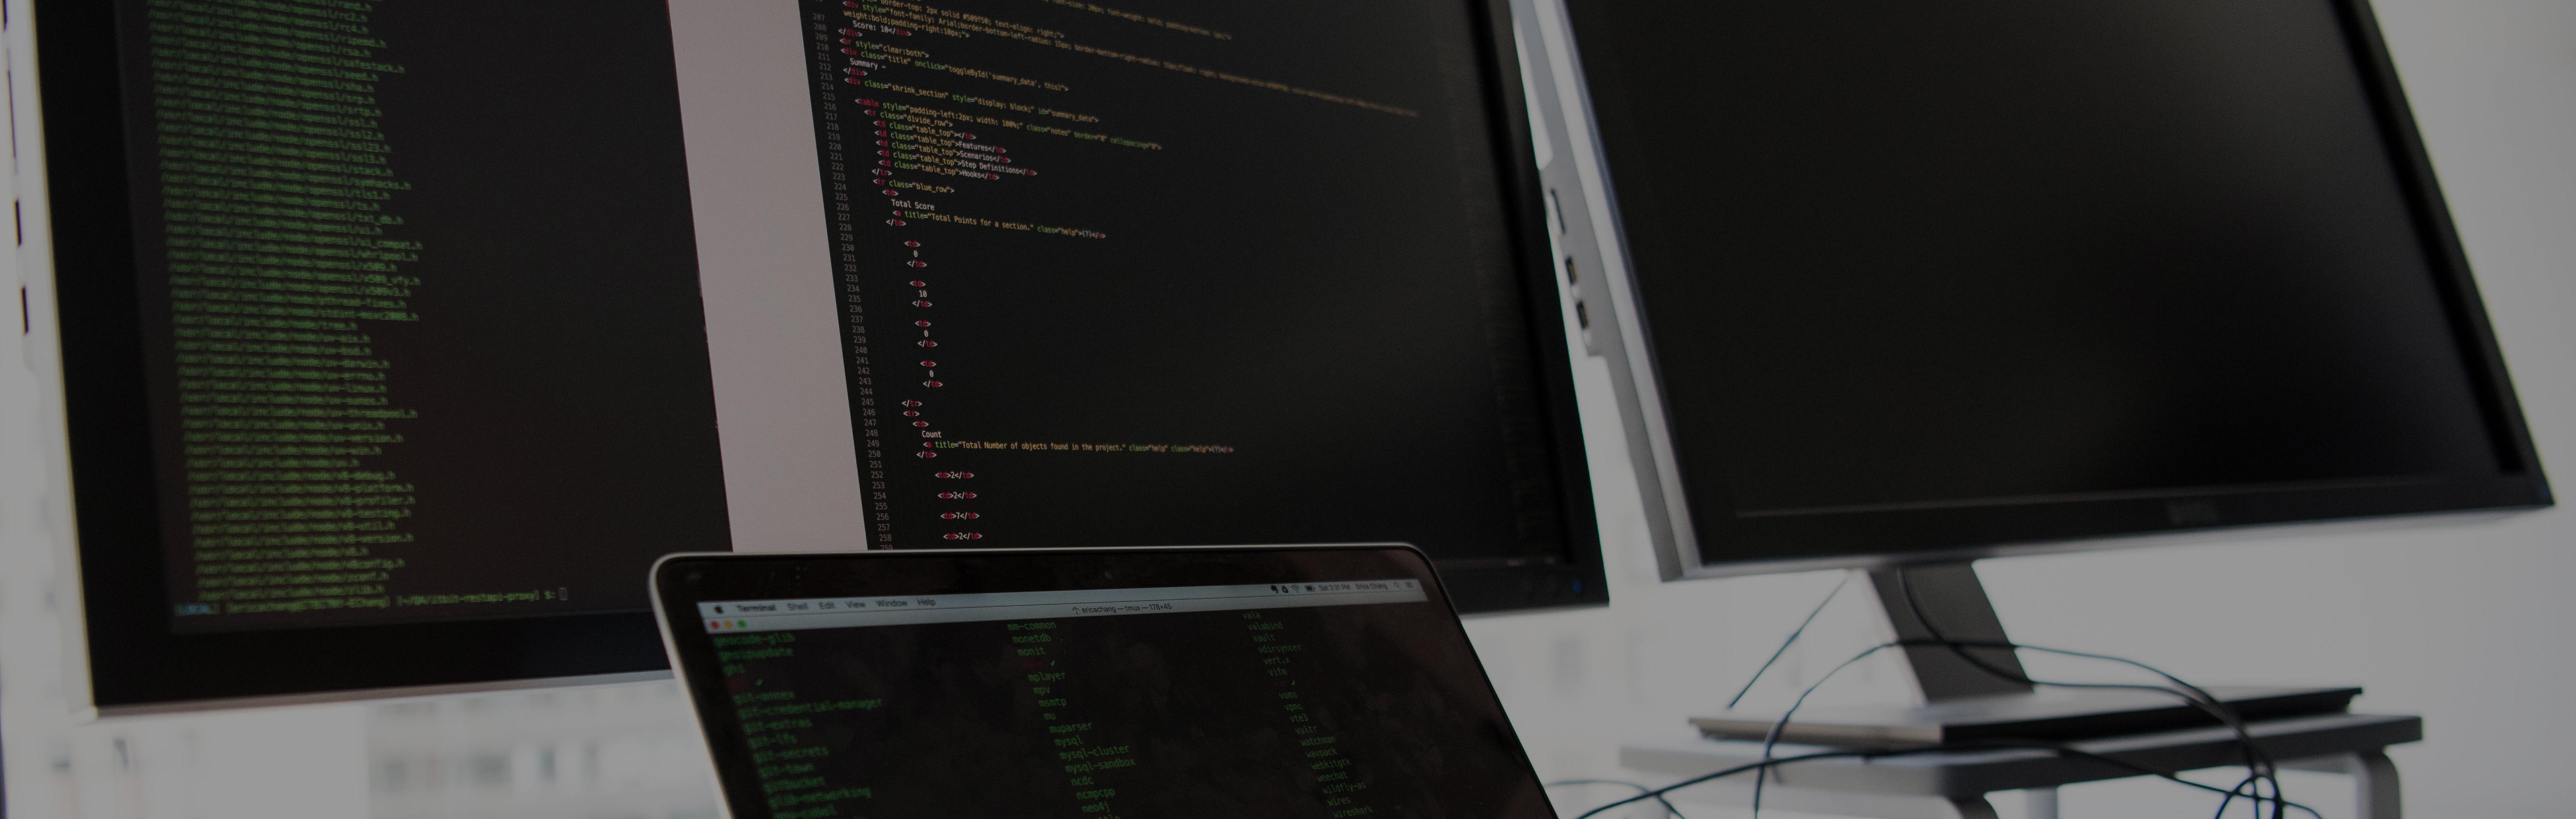 CodeBrain computers